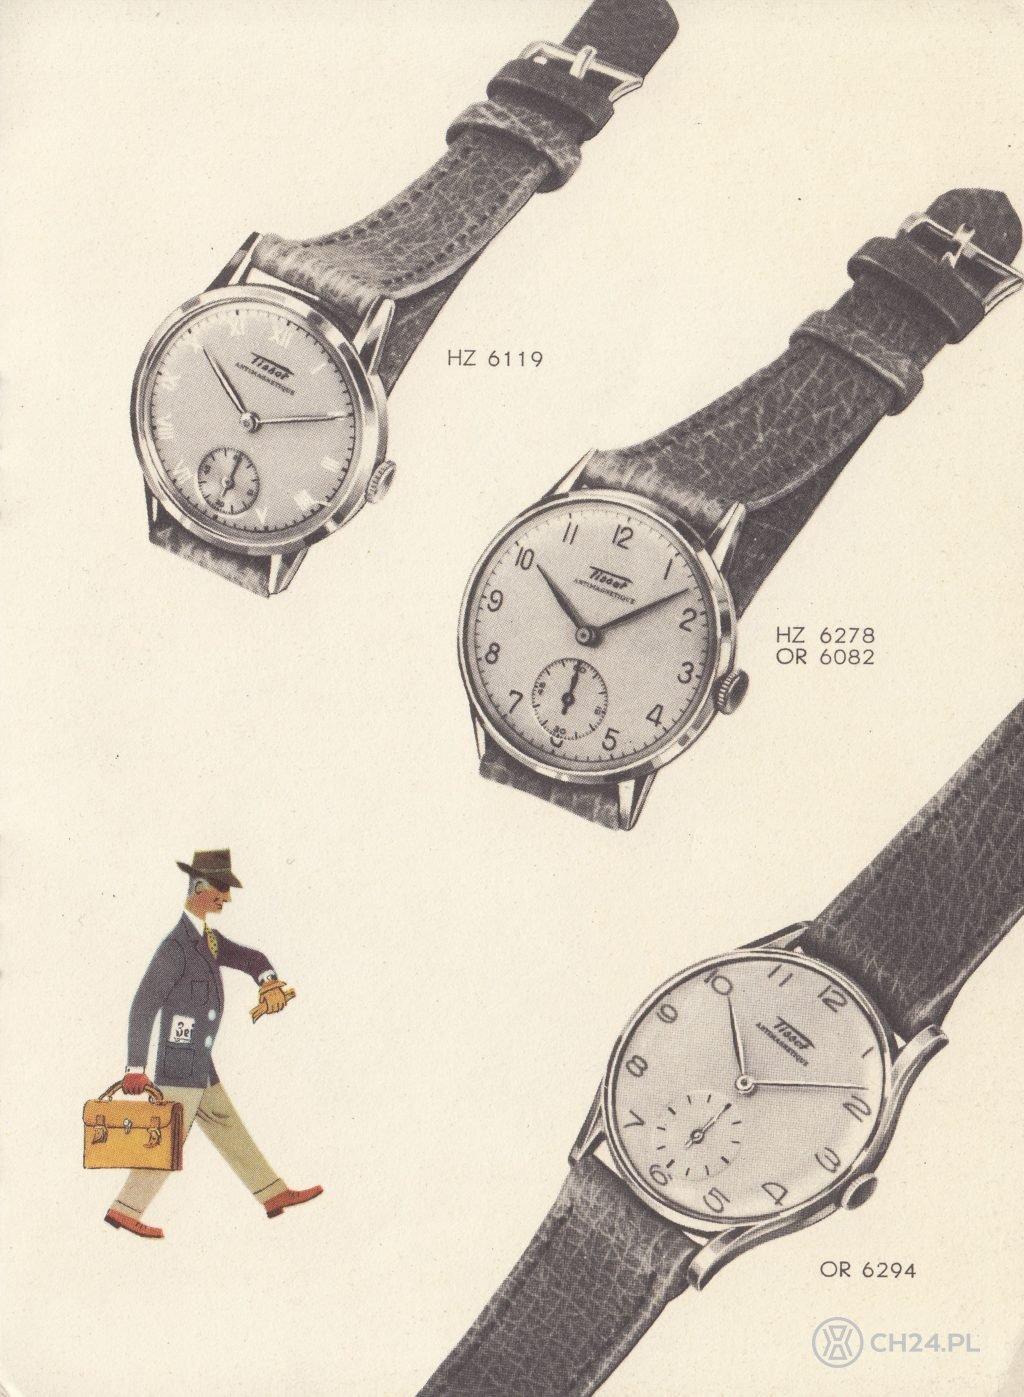 oryginalny Tissot Antimagnetique z roku 1943 (w środku) / foto: Fratellowatches.com